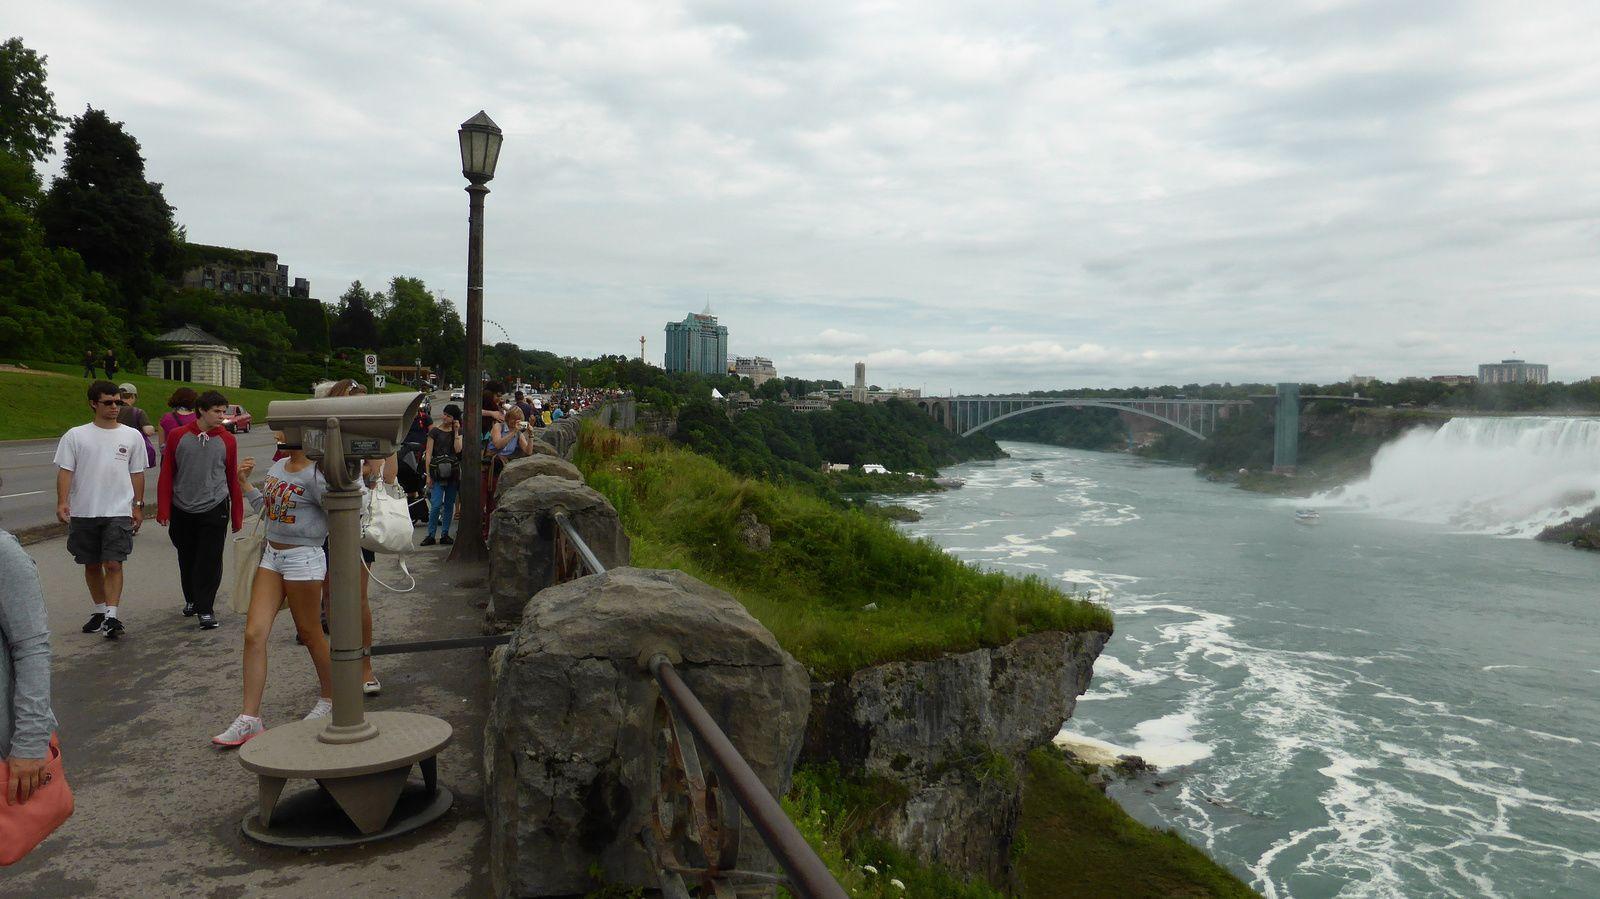 canada puis après le pont les U.S